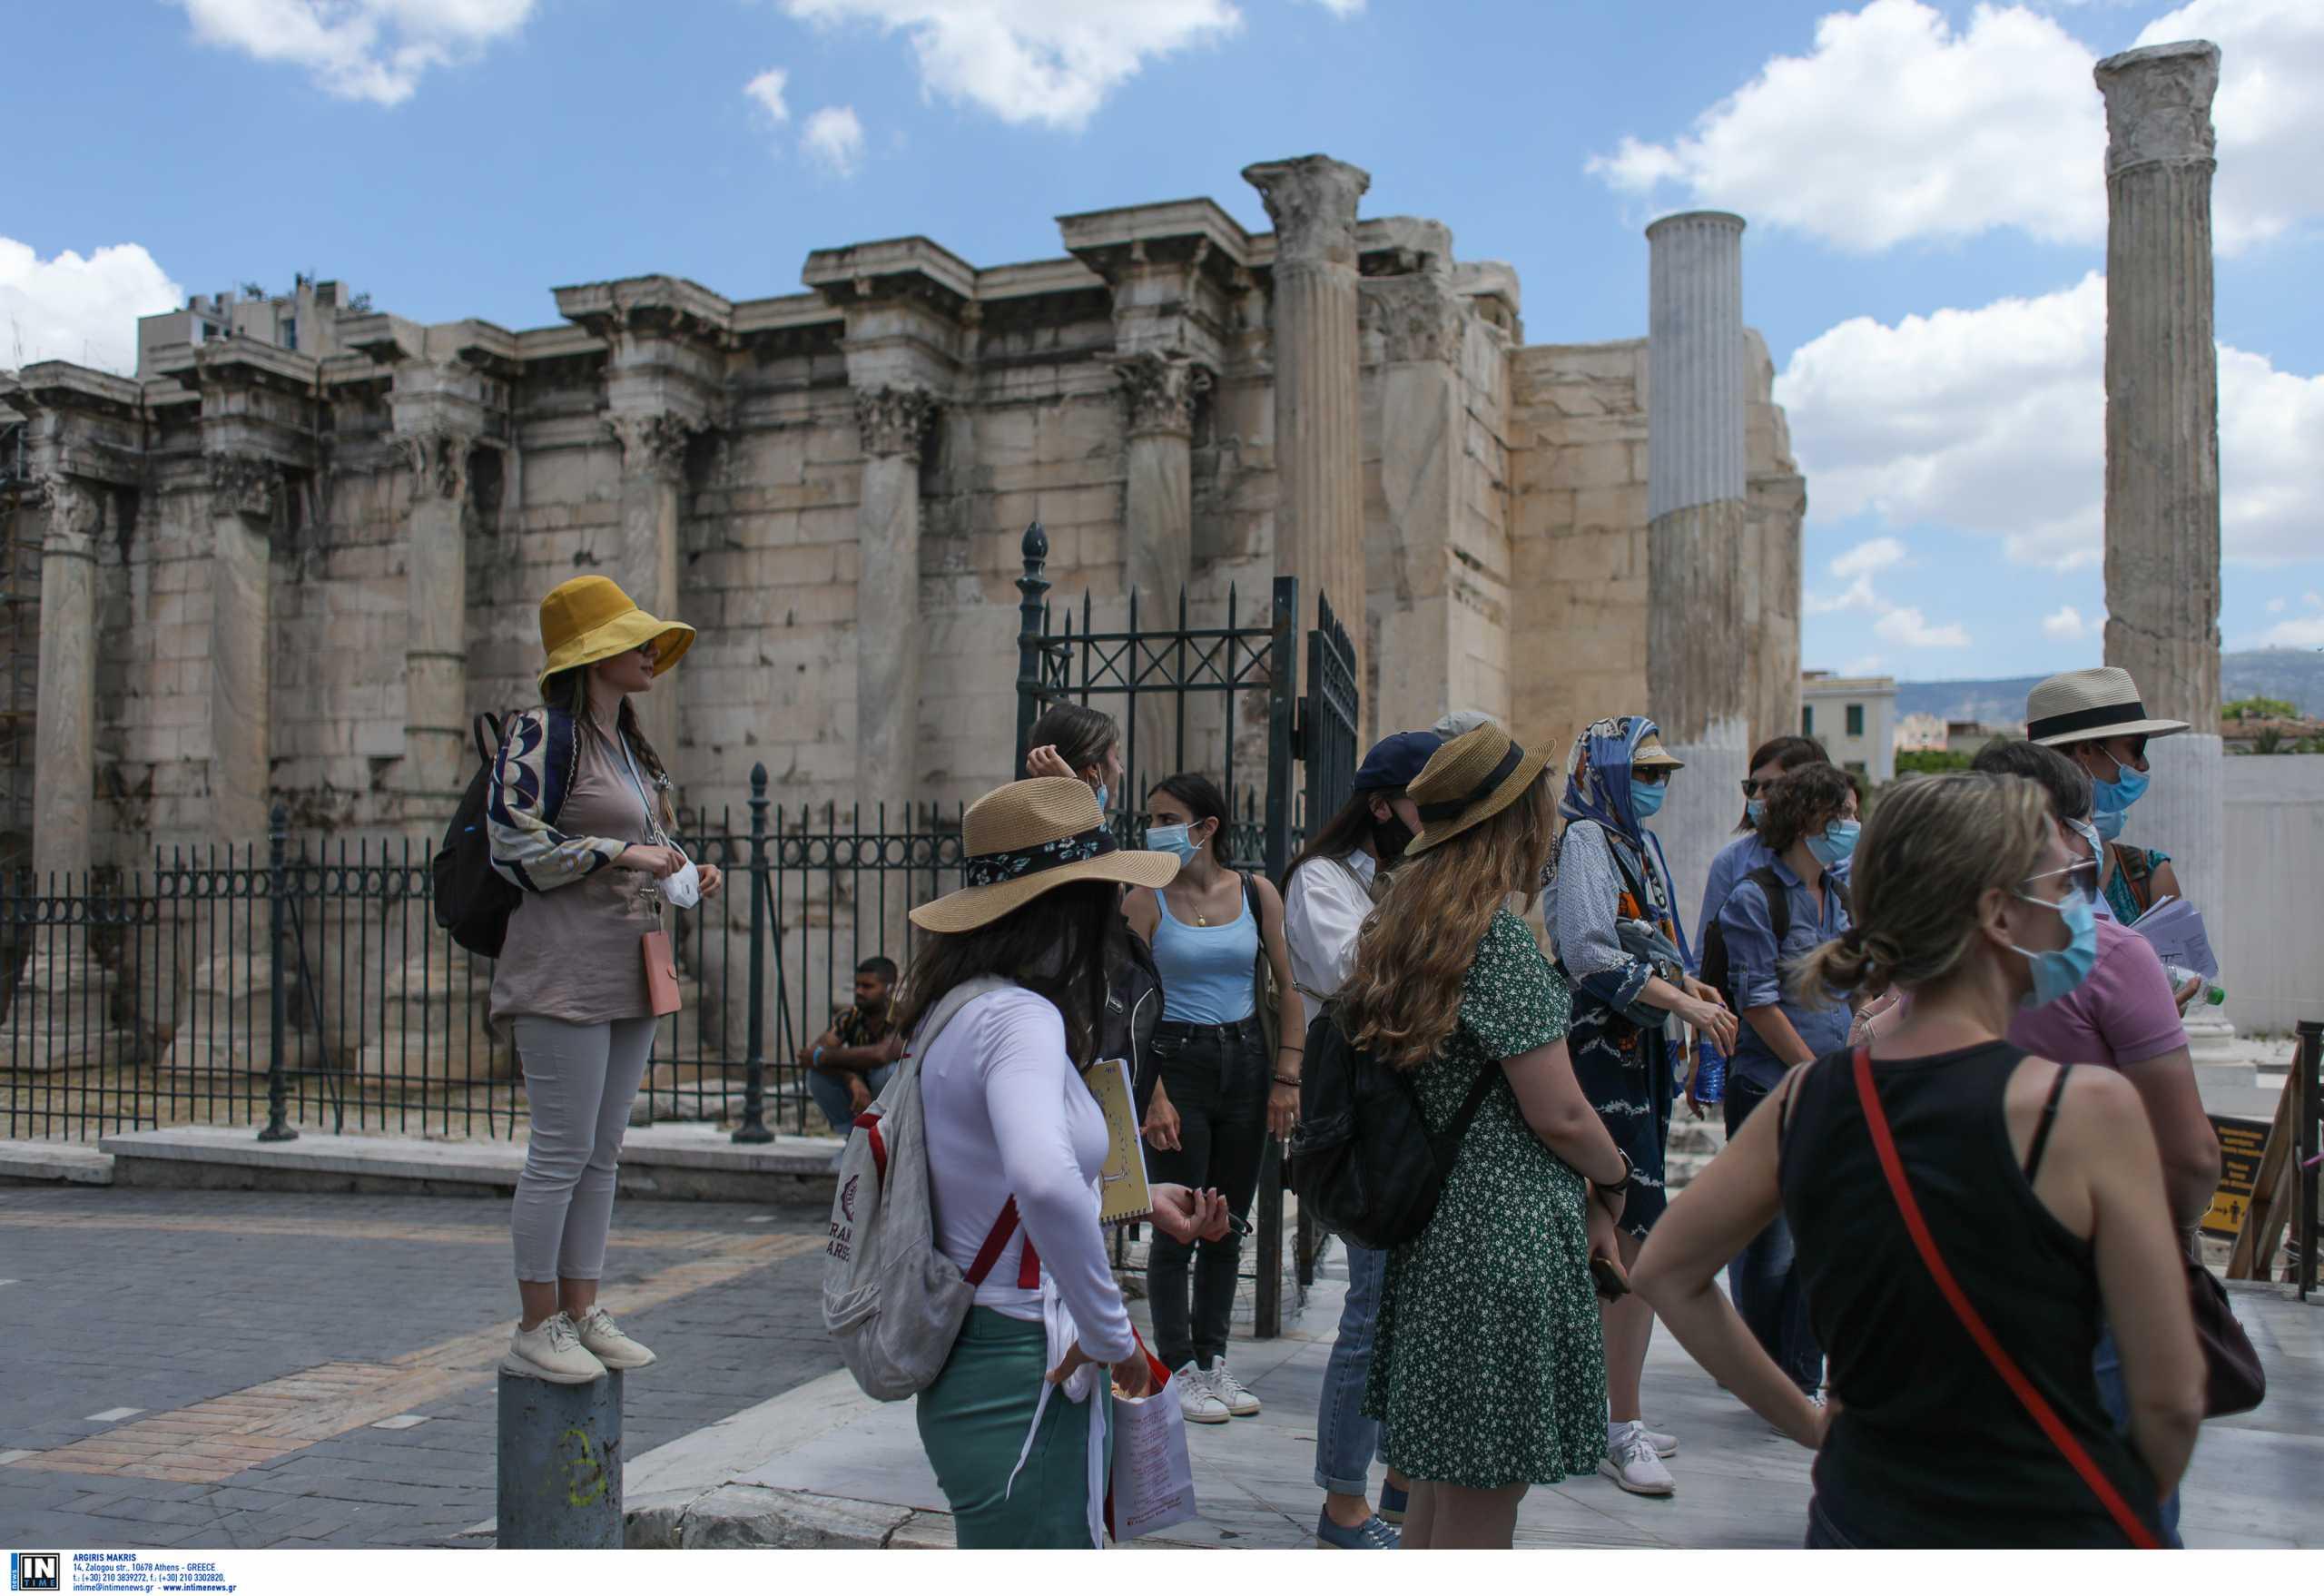 Ξενοδόχοι Ελλάδας: Οι τουρίστες να περνούν την καραντίνα στα Airbnb που διαμένουν